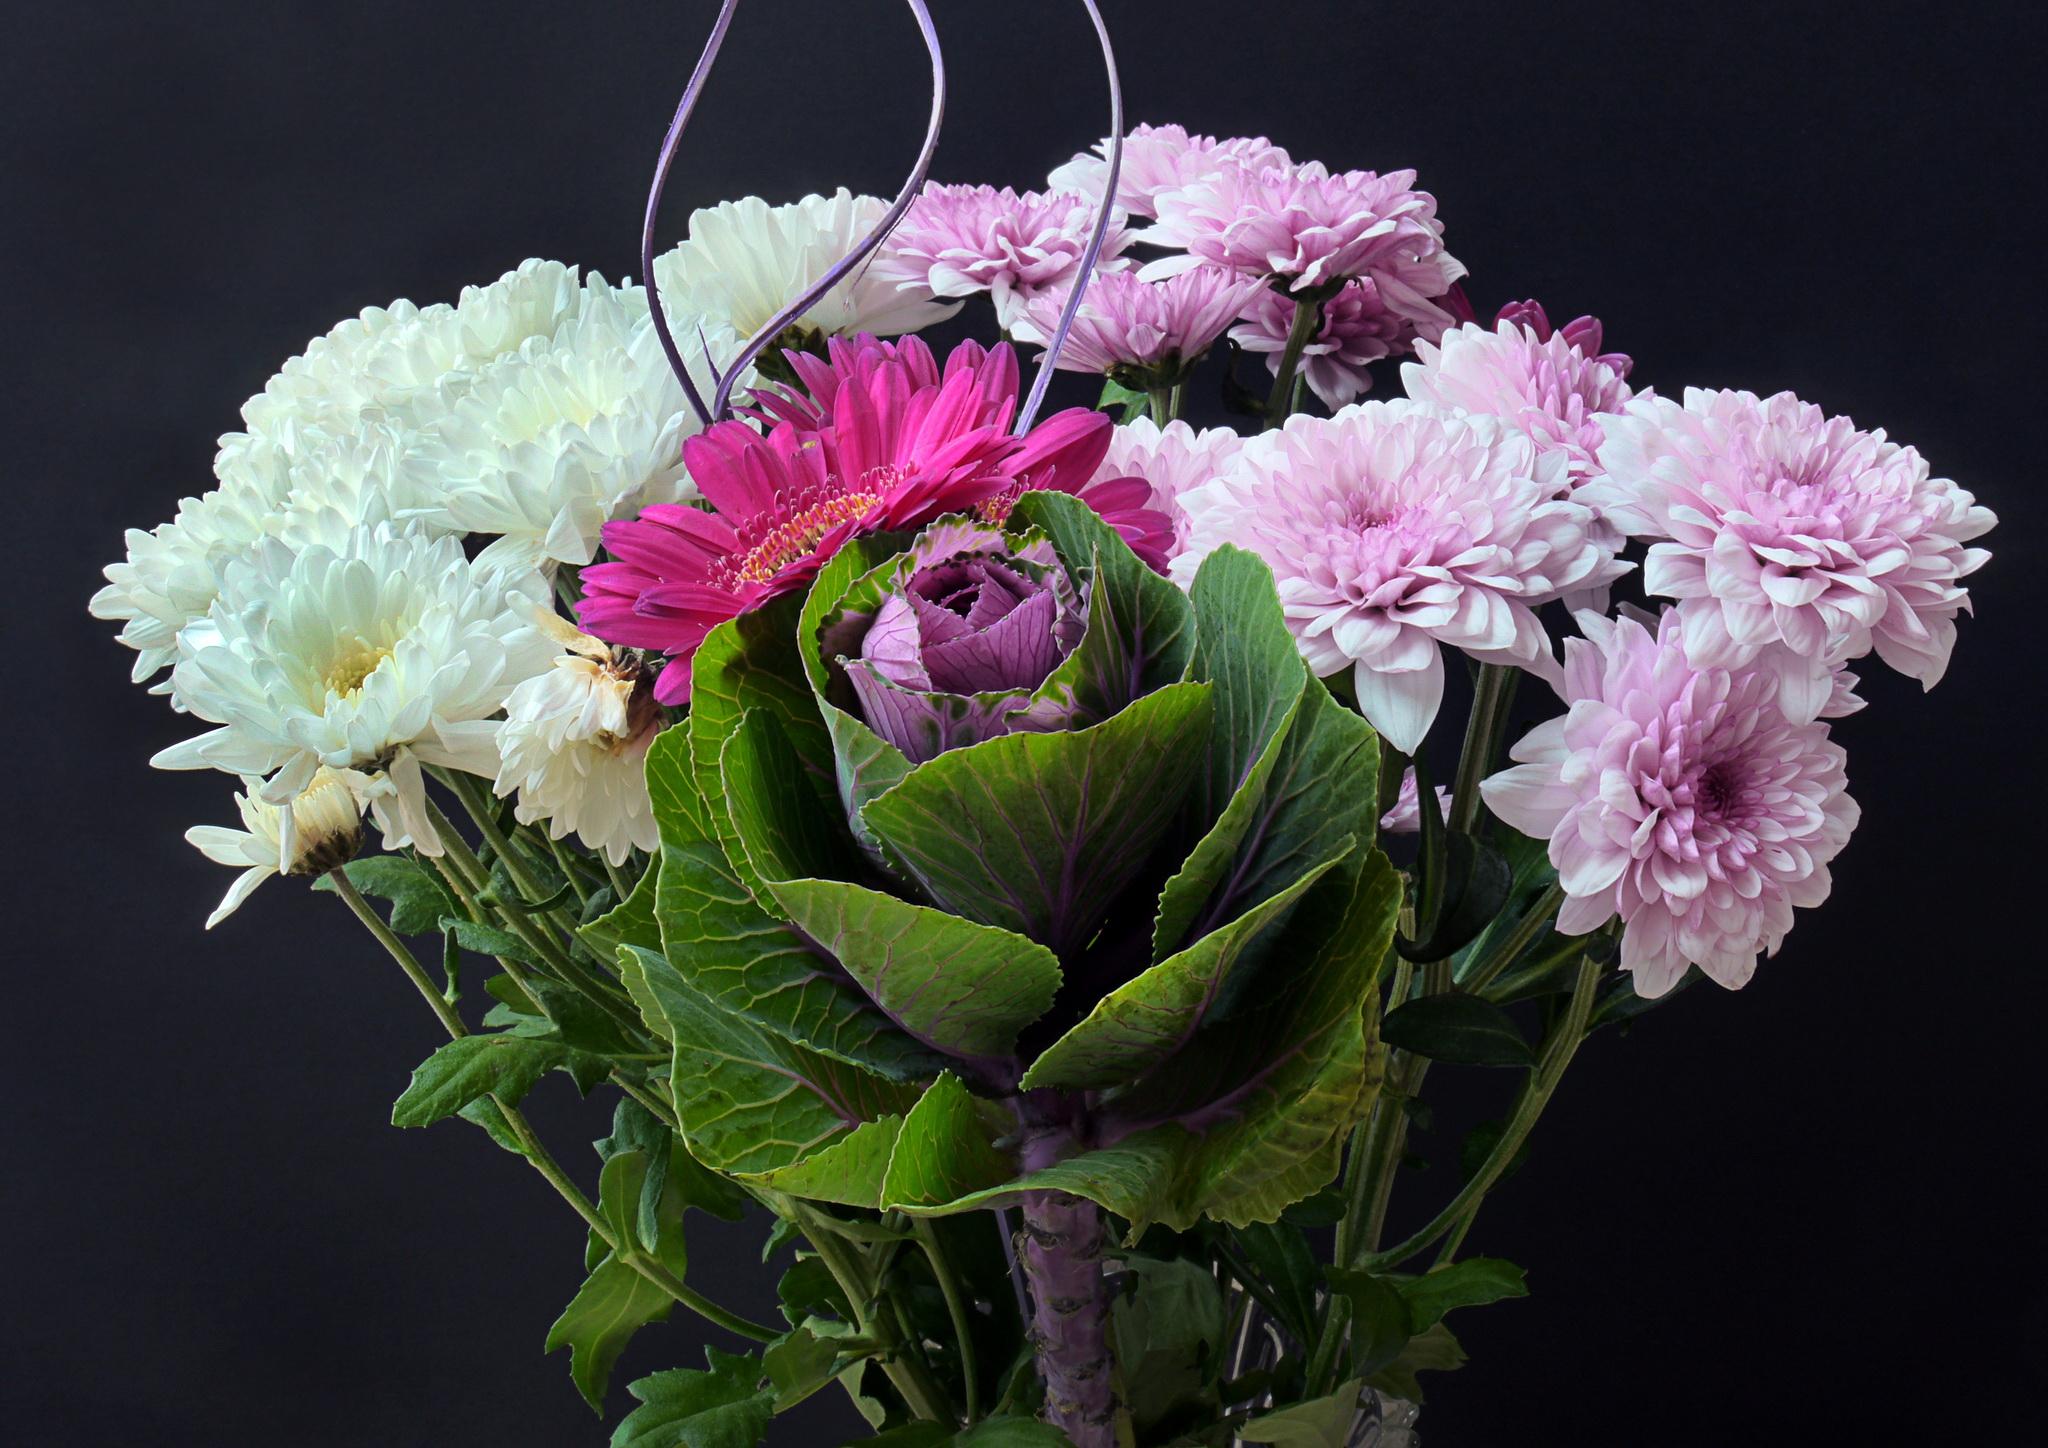 Fondos de pantalla crisantemos ramos flores descargar imagenes - Imagenes de ramos de flores ...